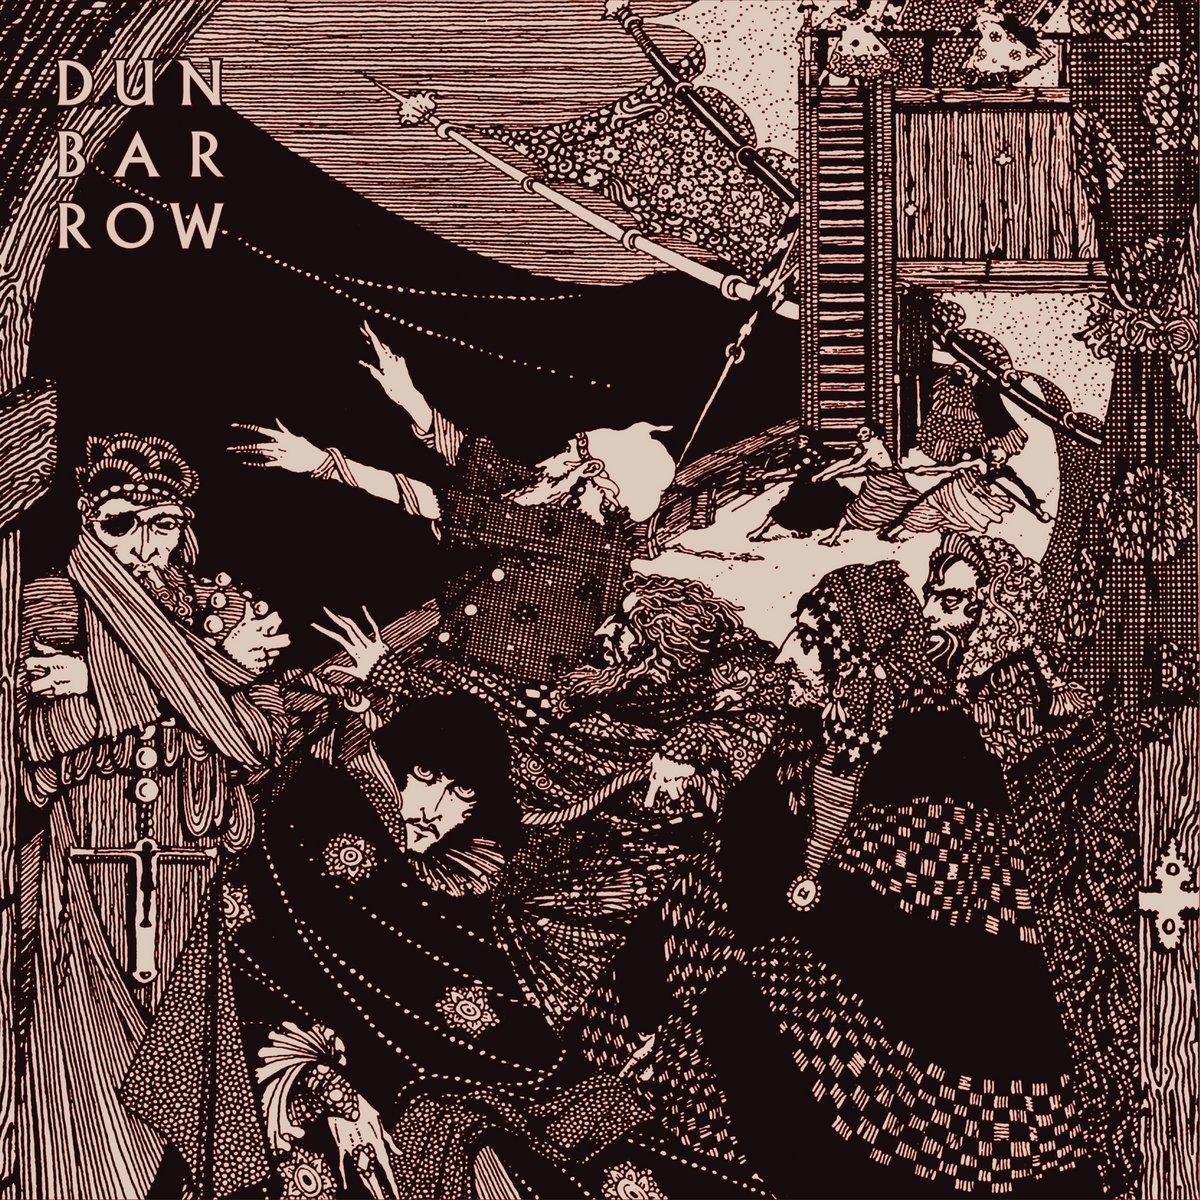 Dunbarrow III